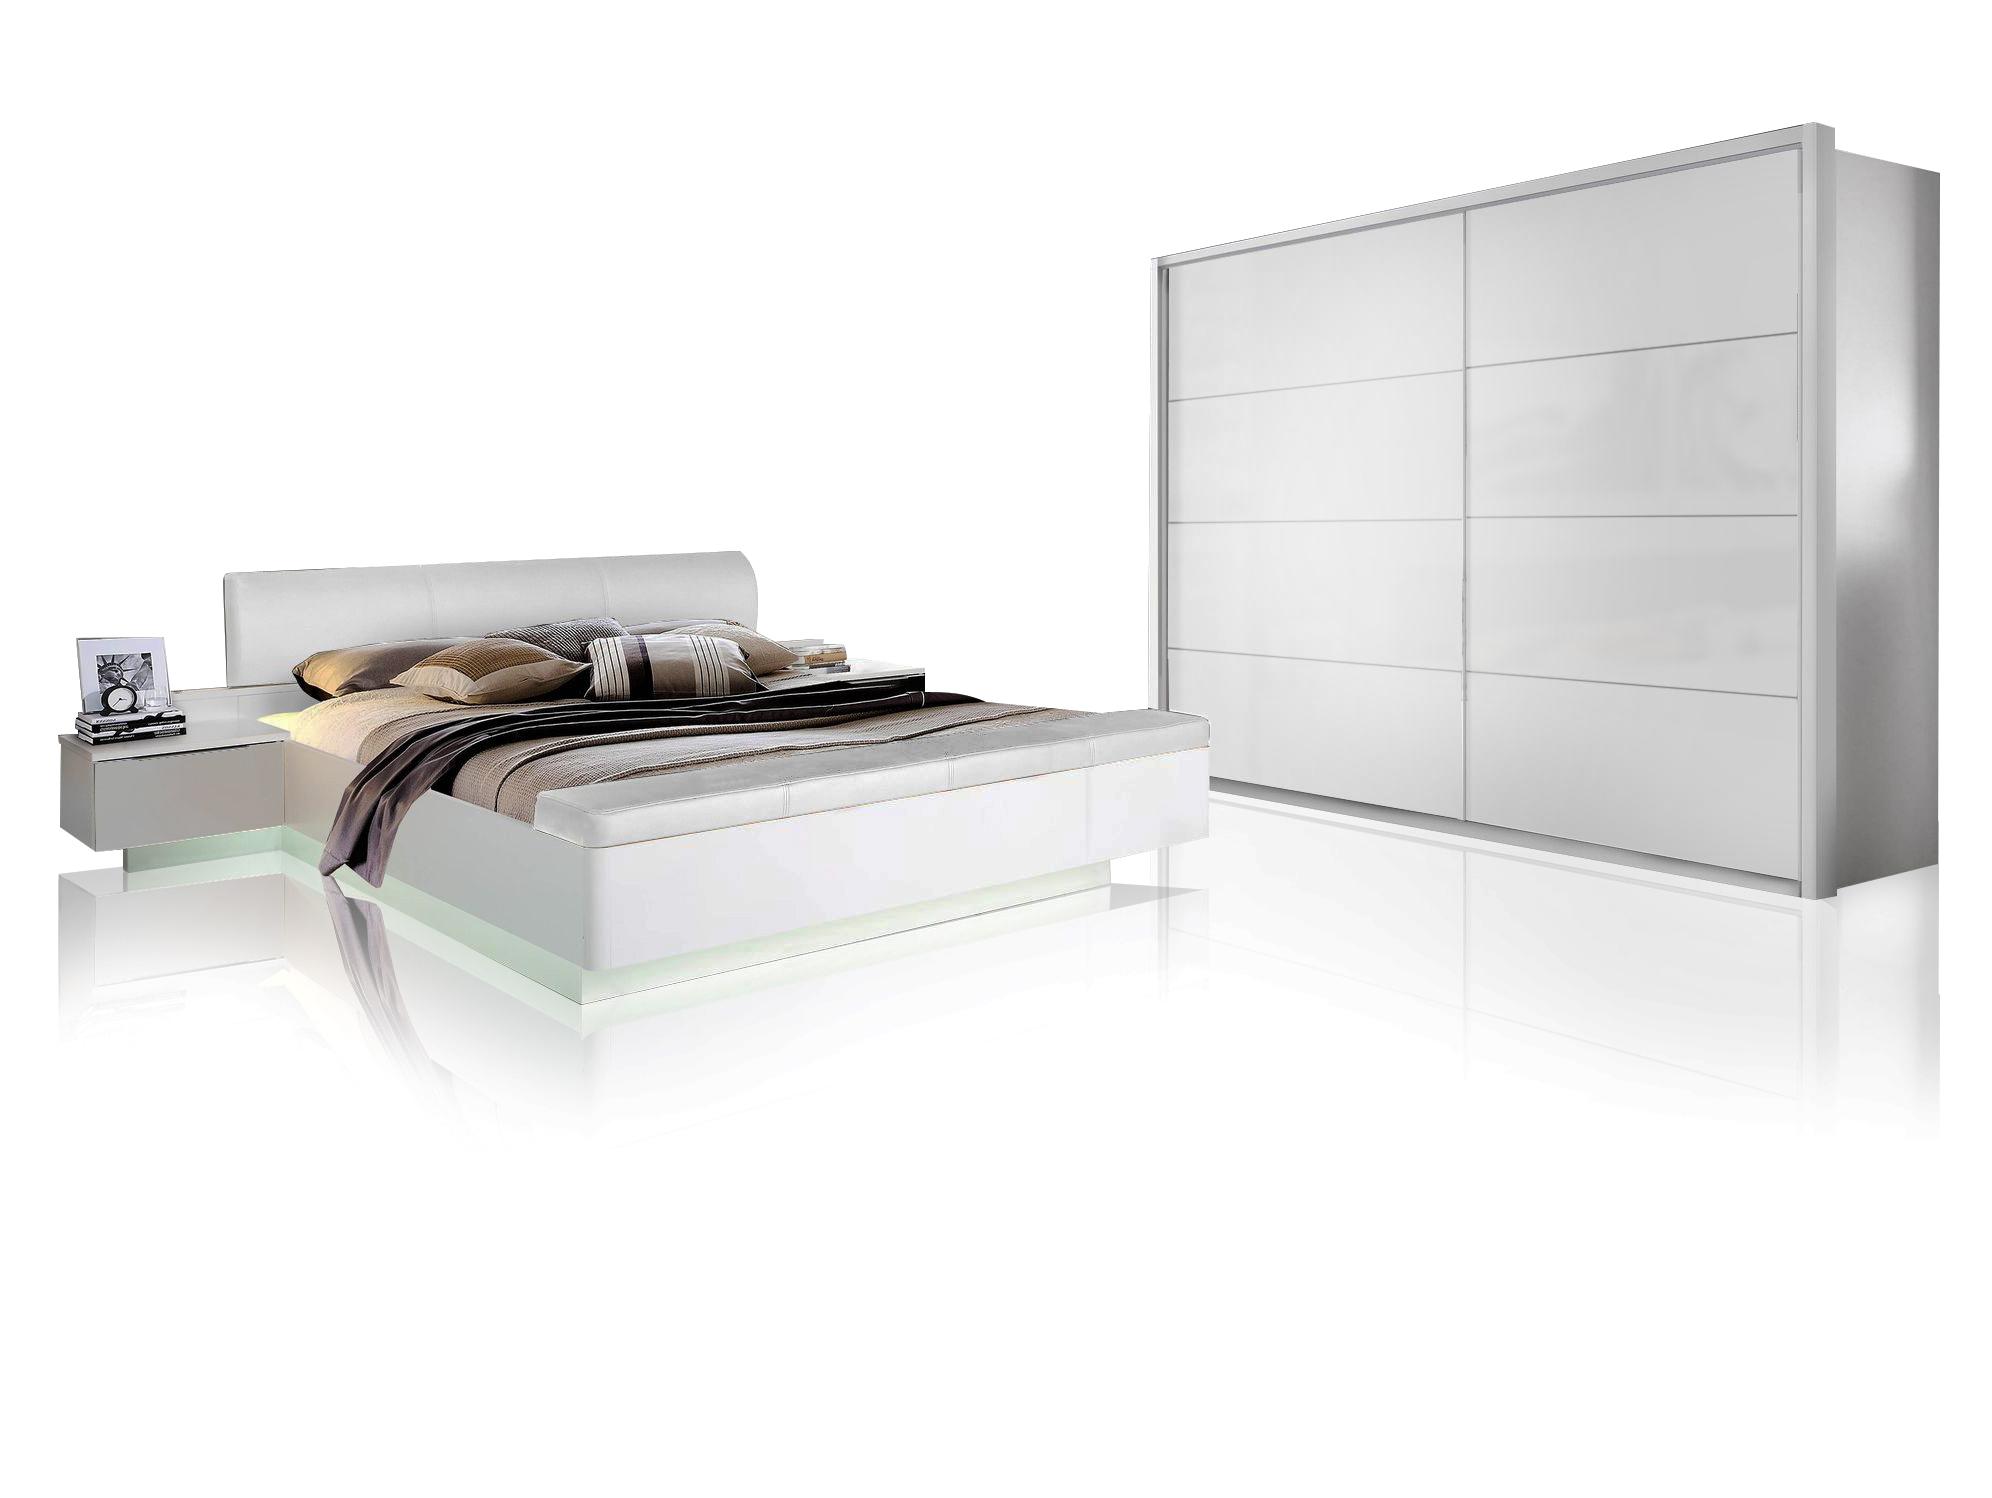 silent komplett schlafzimmer weiss hochglanz 4 teilig 270 cm. Black Bedroom Furniture Sets. Home Design Ideas